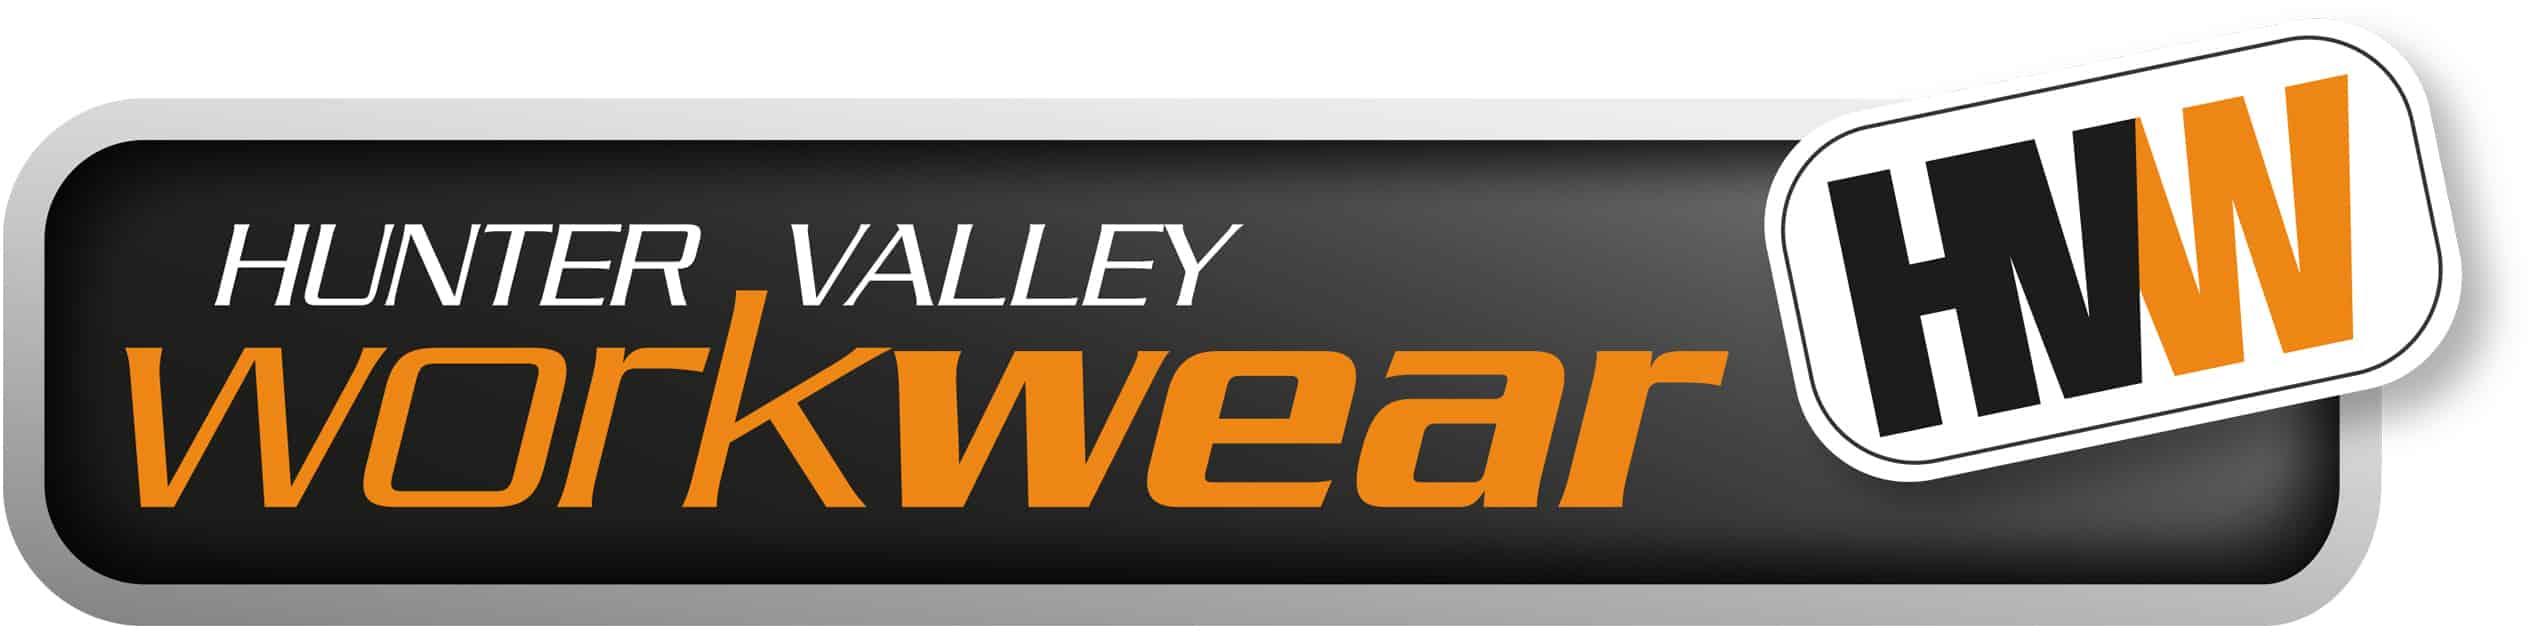 HVW-Logo.jpg